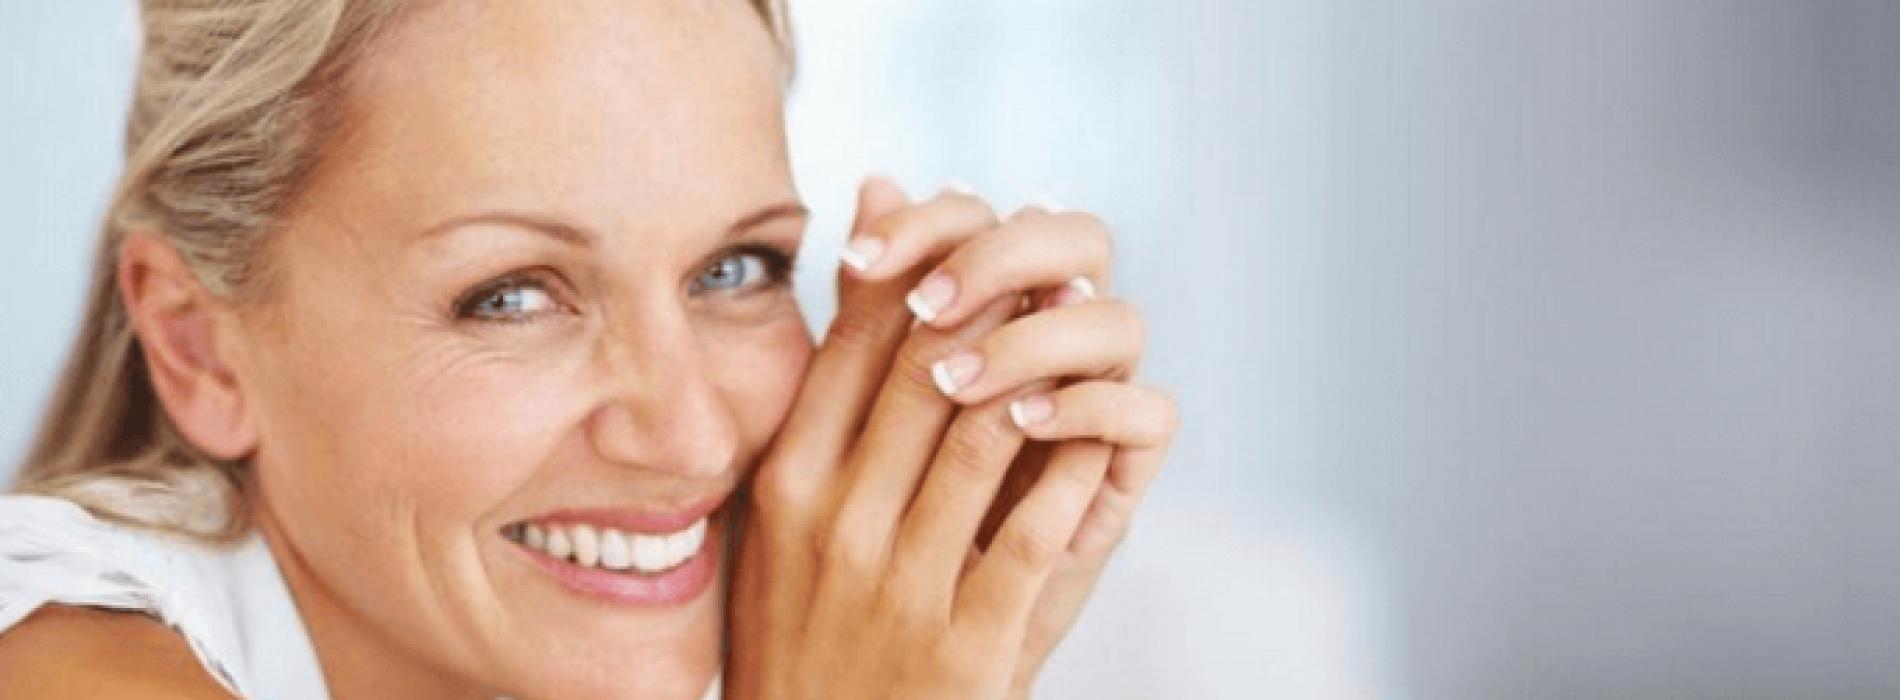 3 natuurlijke middeltjes voor rimpelloze handen!